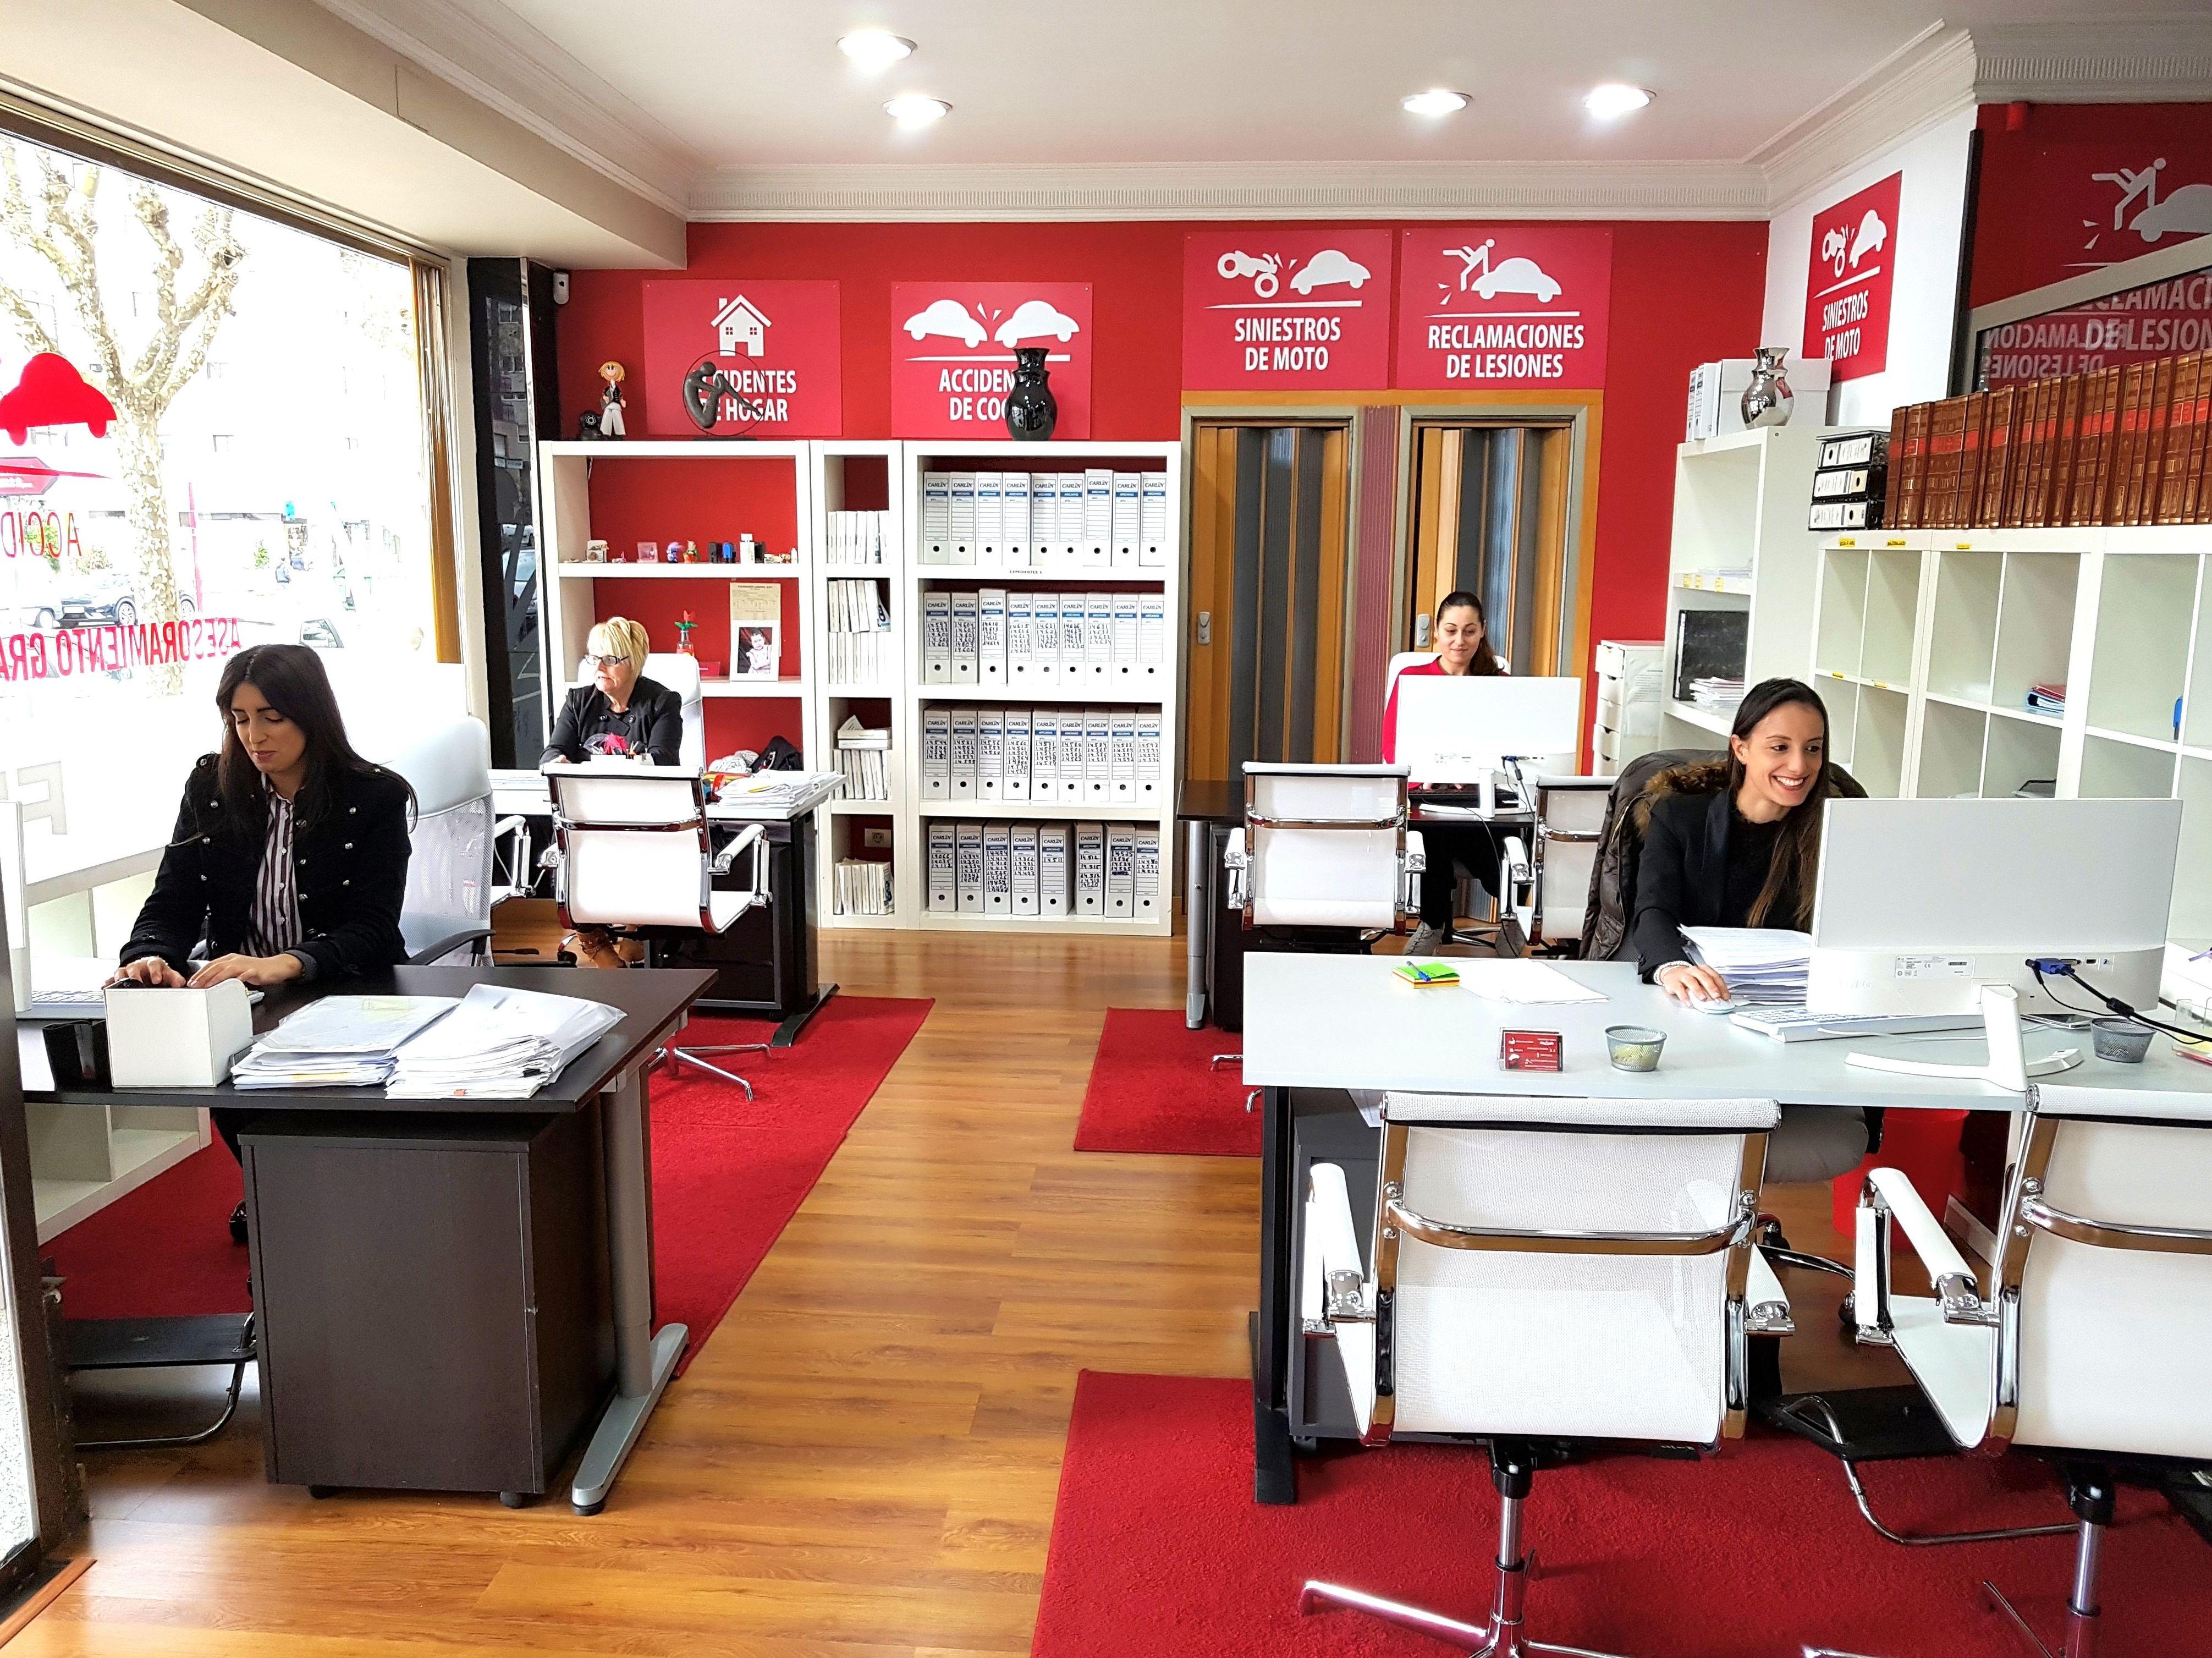 Foto 3 de Despacho de abogados especializado en indemnizaciones y reclamaciones en Vigo | Ferbam Reclamaciones